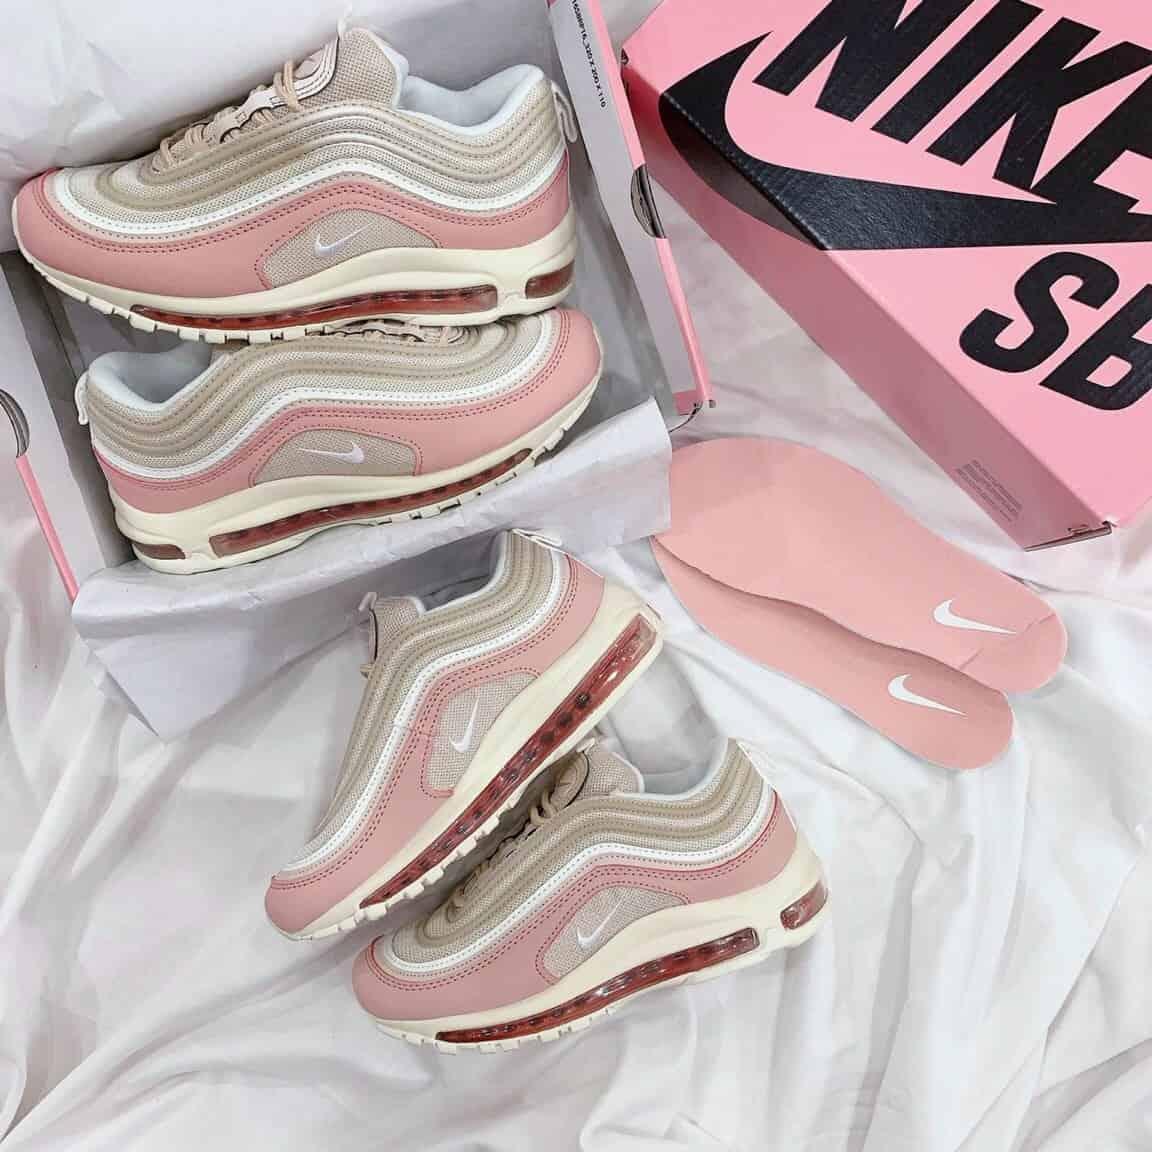 Giày Nike Air Max 97 Hồng rep 1:1 sinh ra dành cho phái đẹp